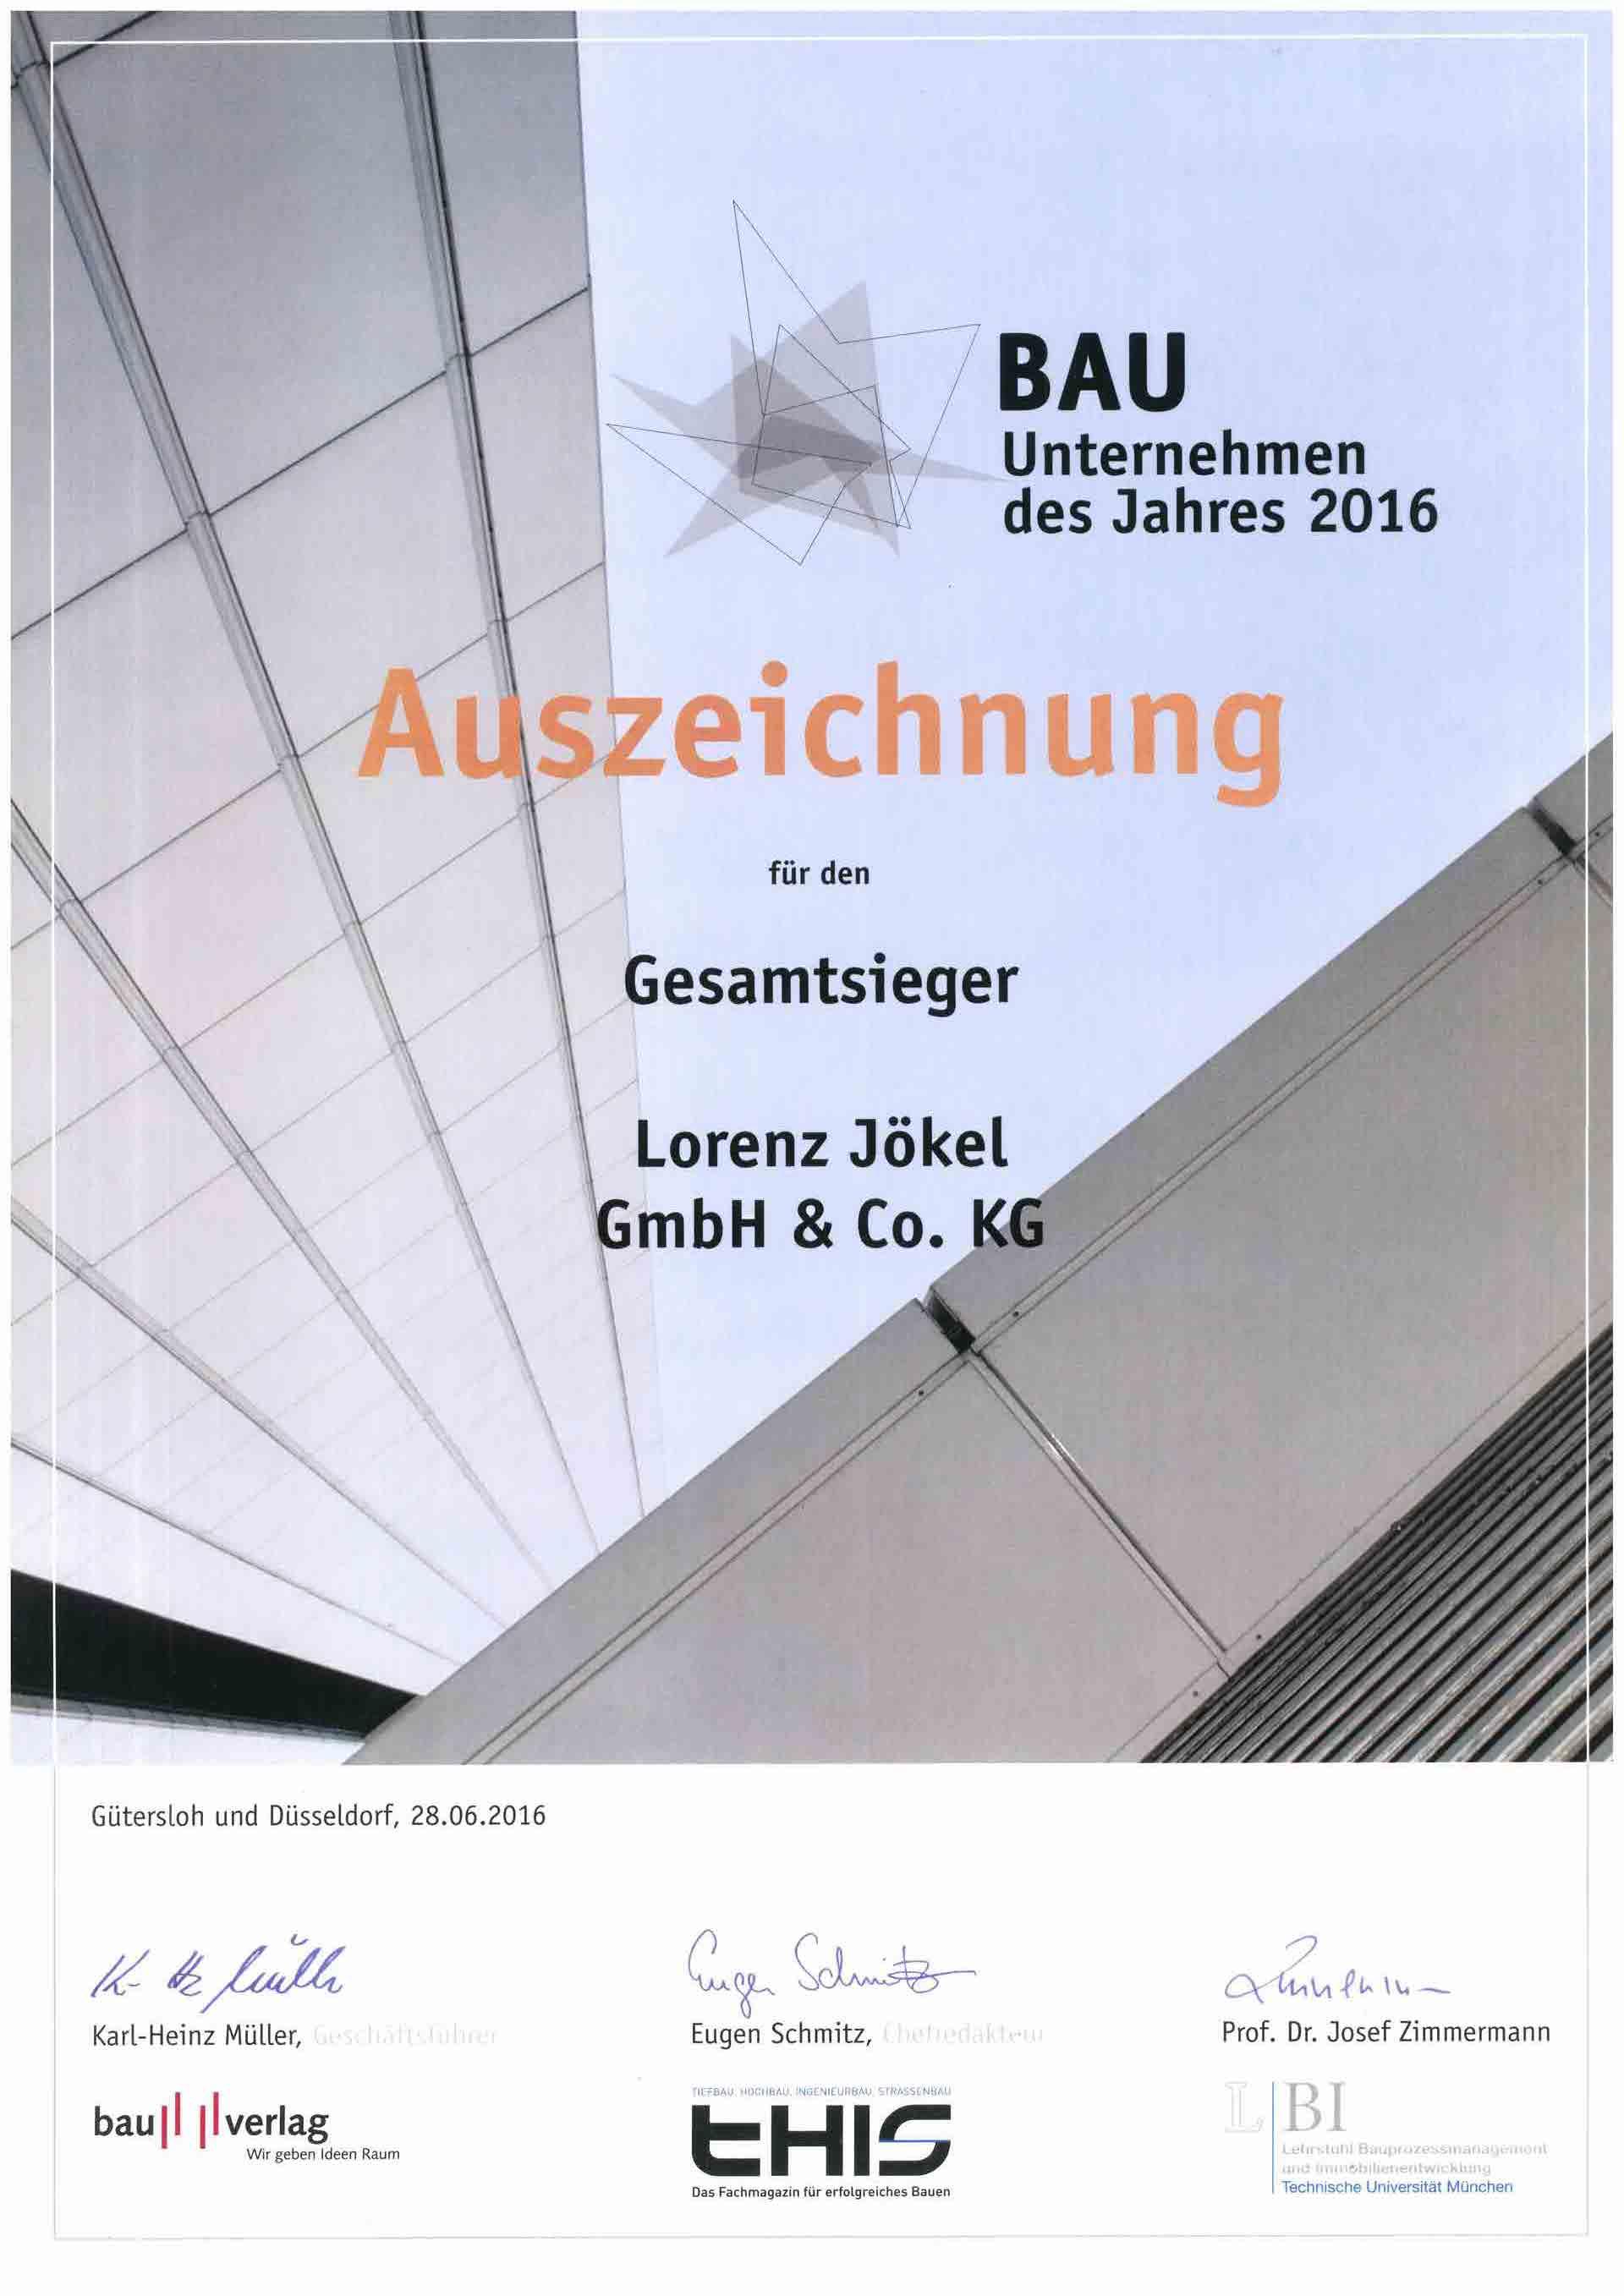 Urkunde Gesamtsieger Bauunternehmen des Jahres 2016 Lorenz Jökel